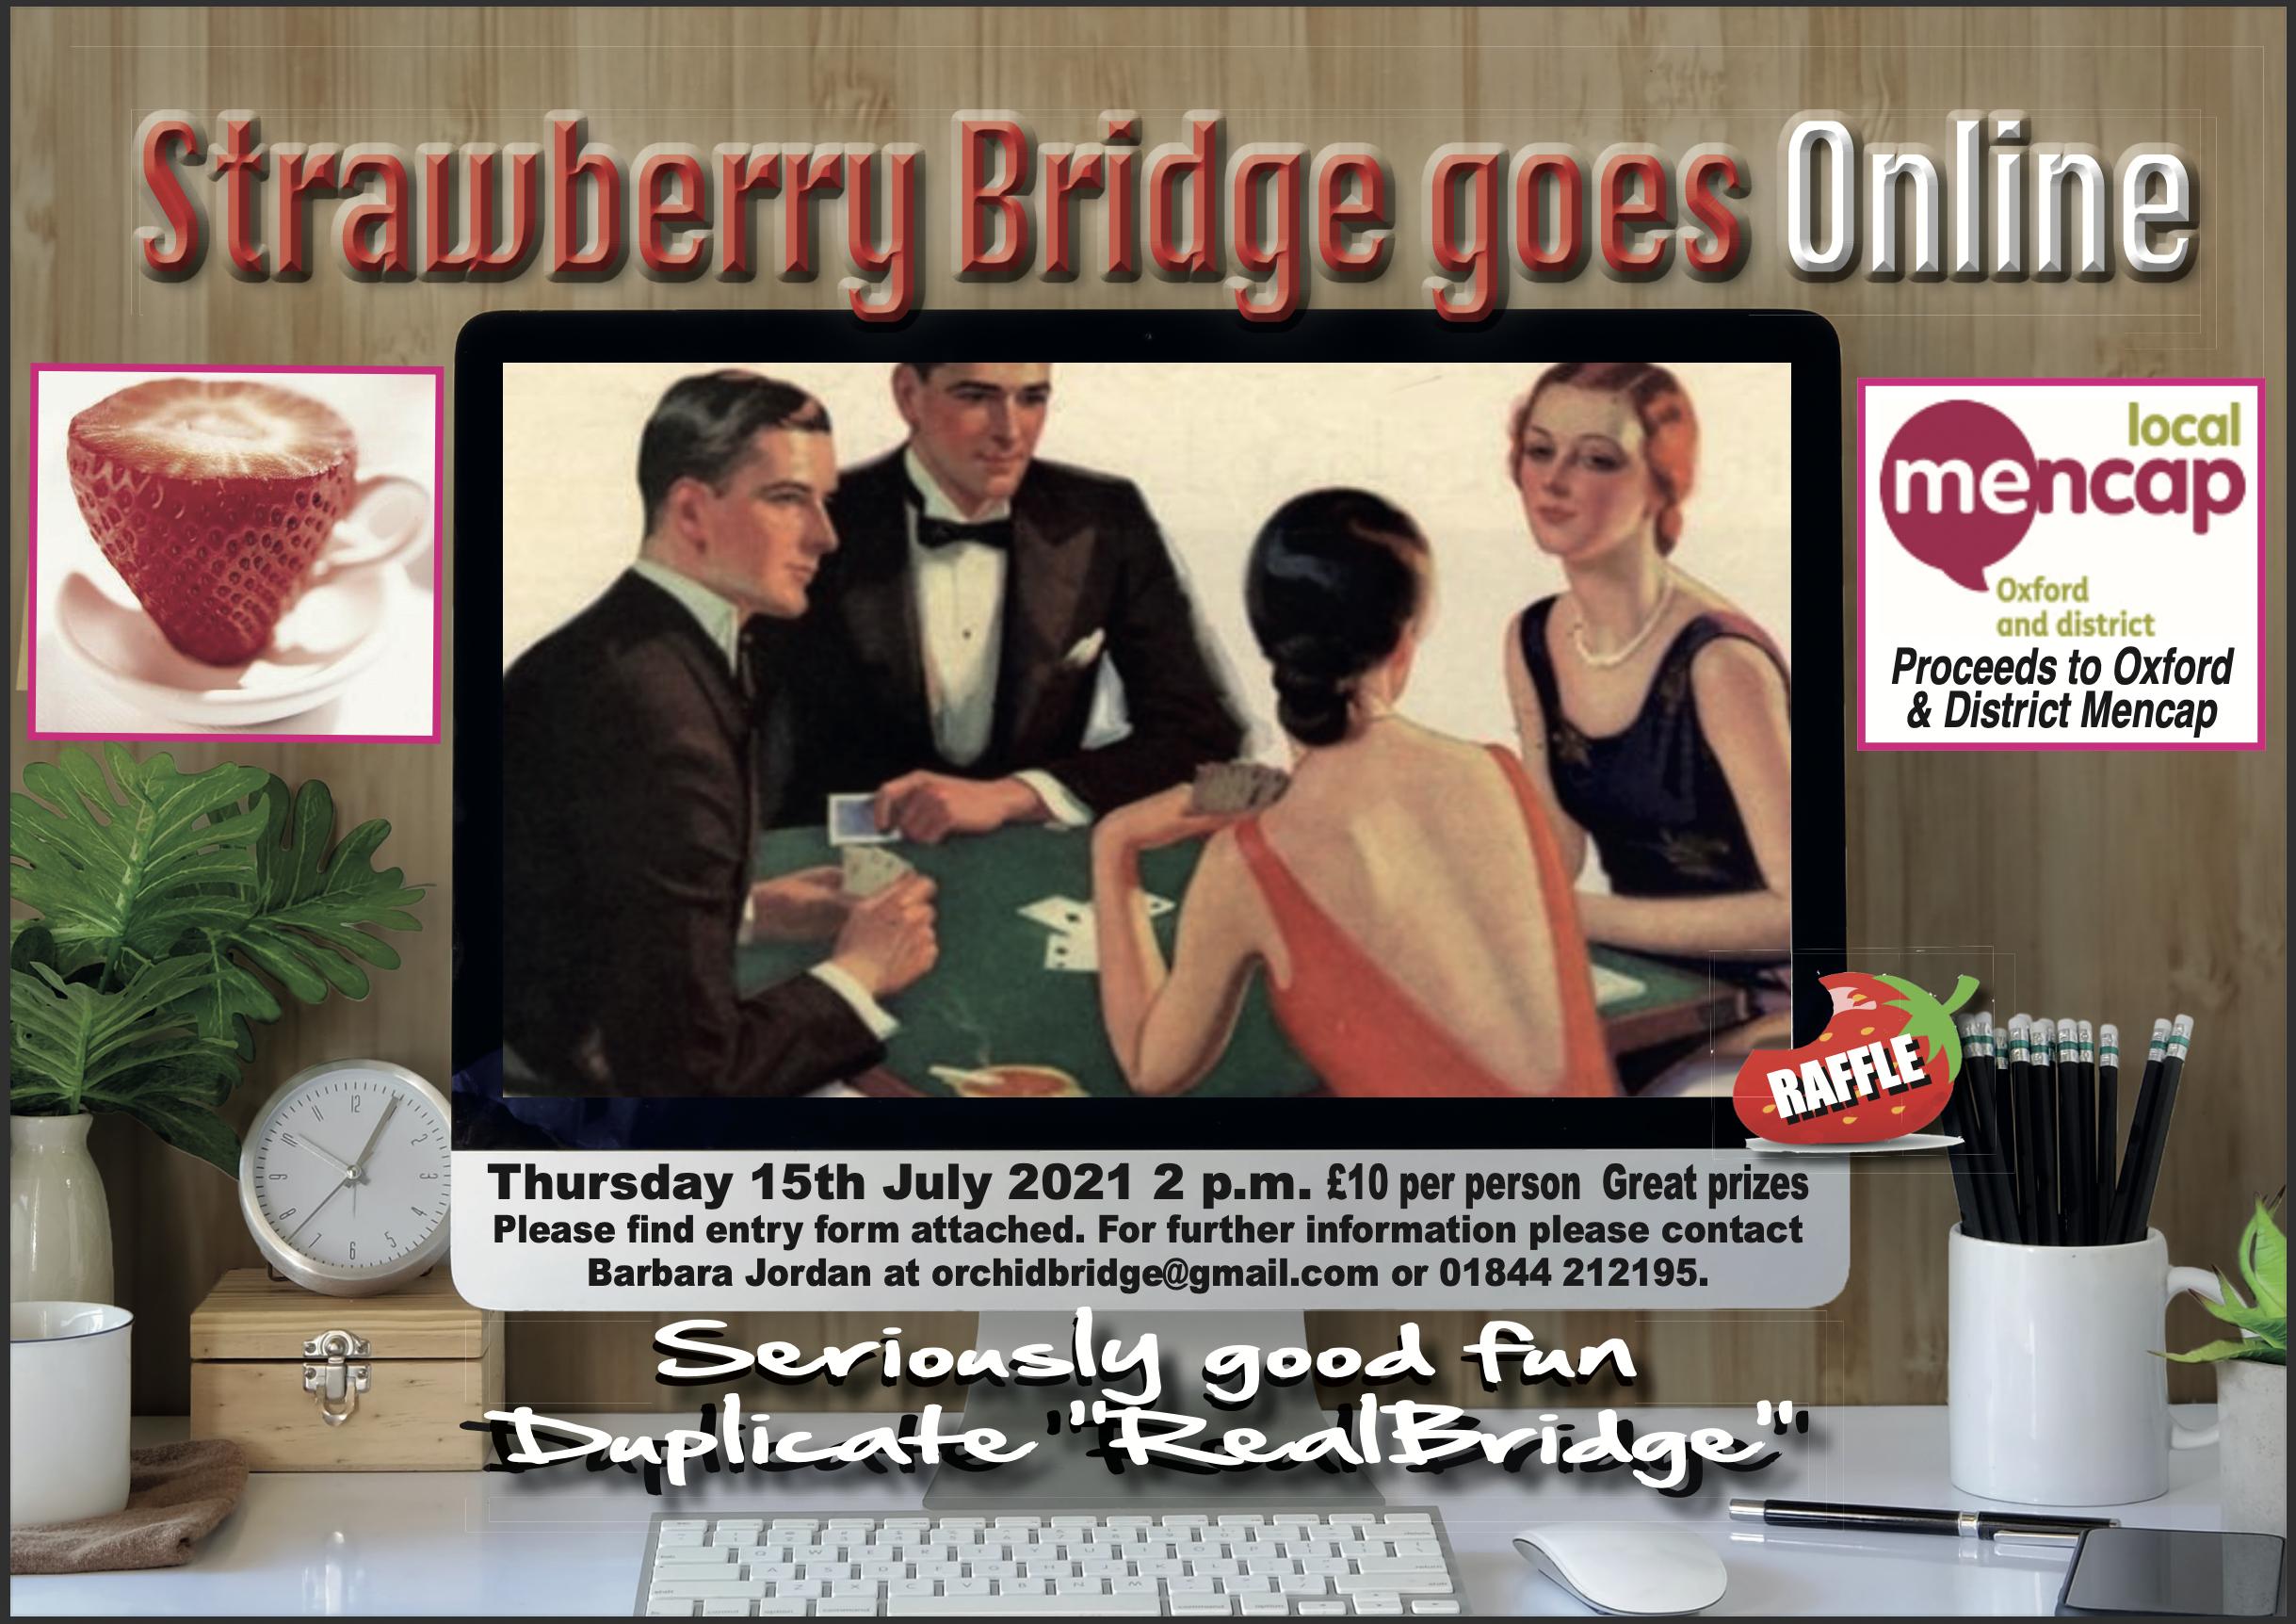 Strawberry Bridge goes Online